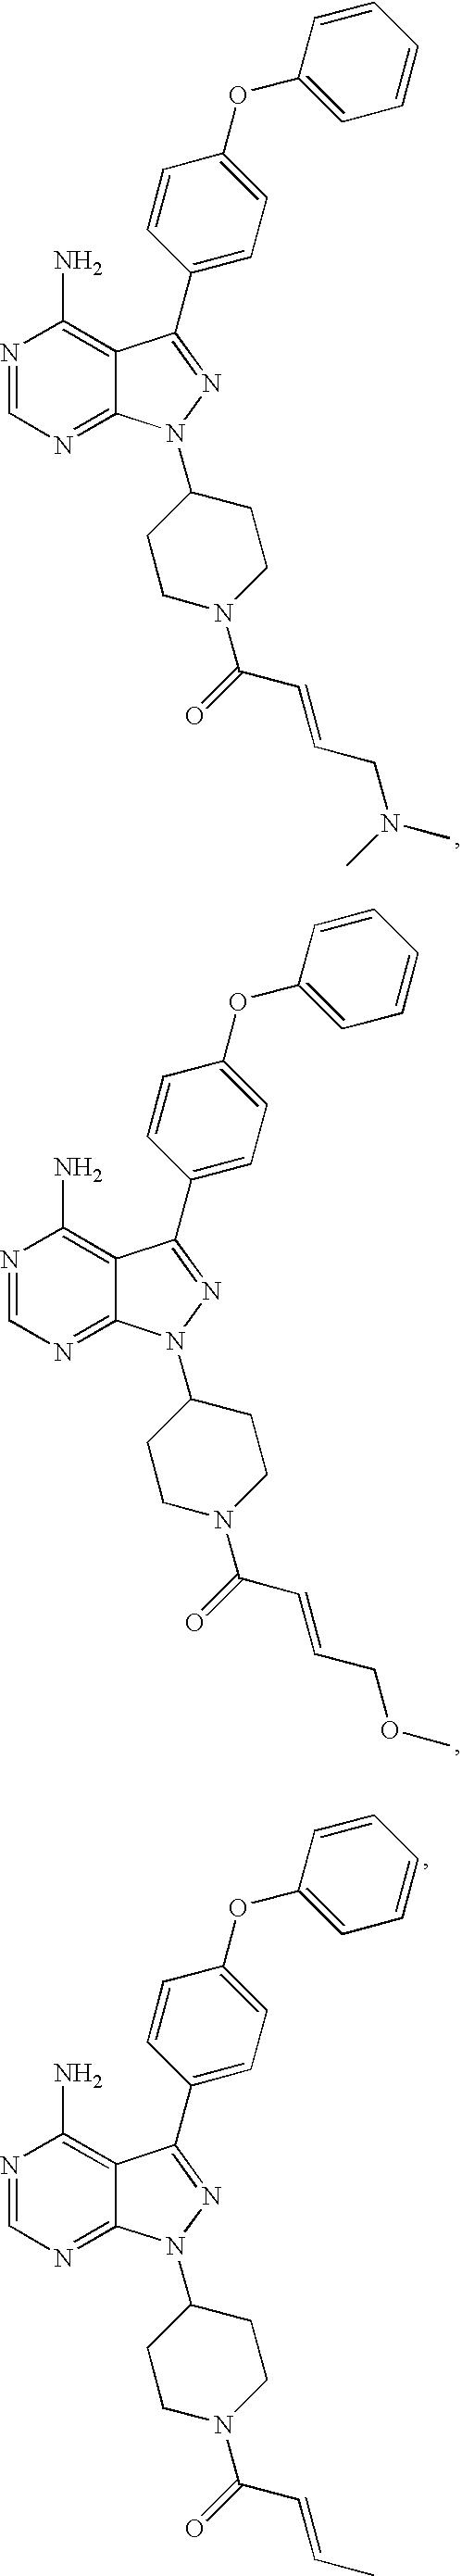 Figure US07514444-20090407-C00023